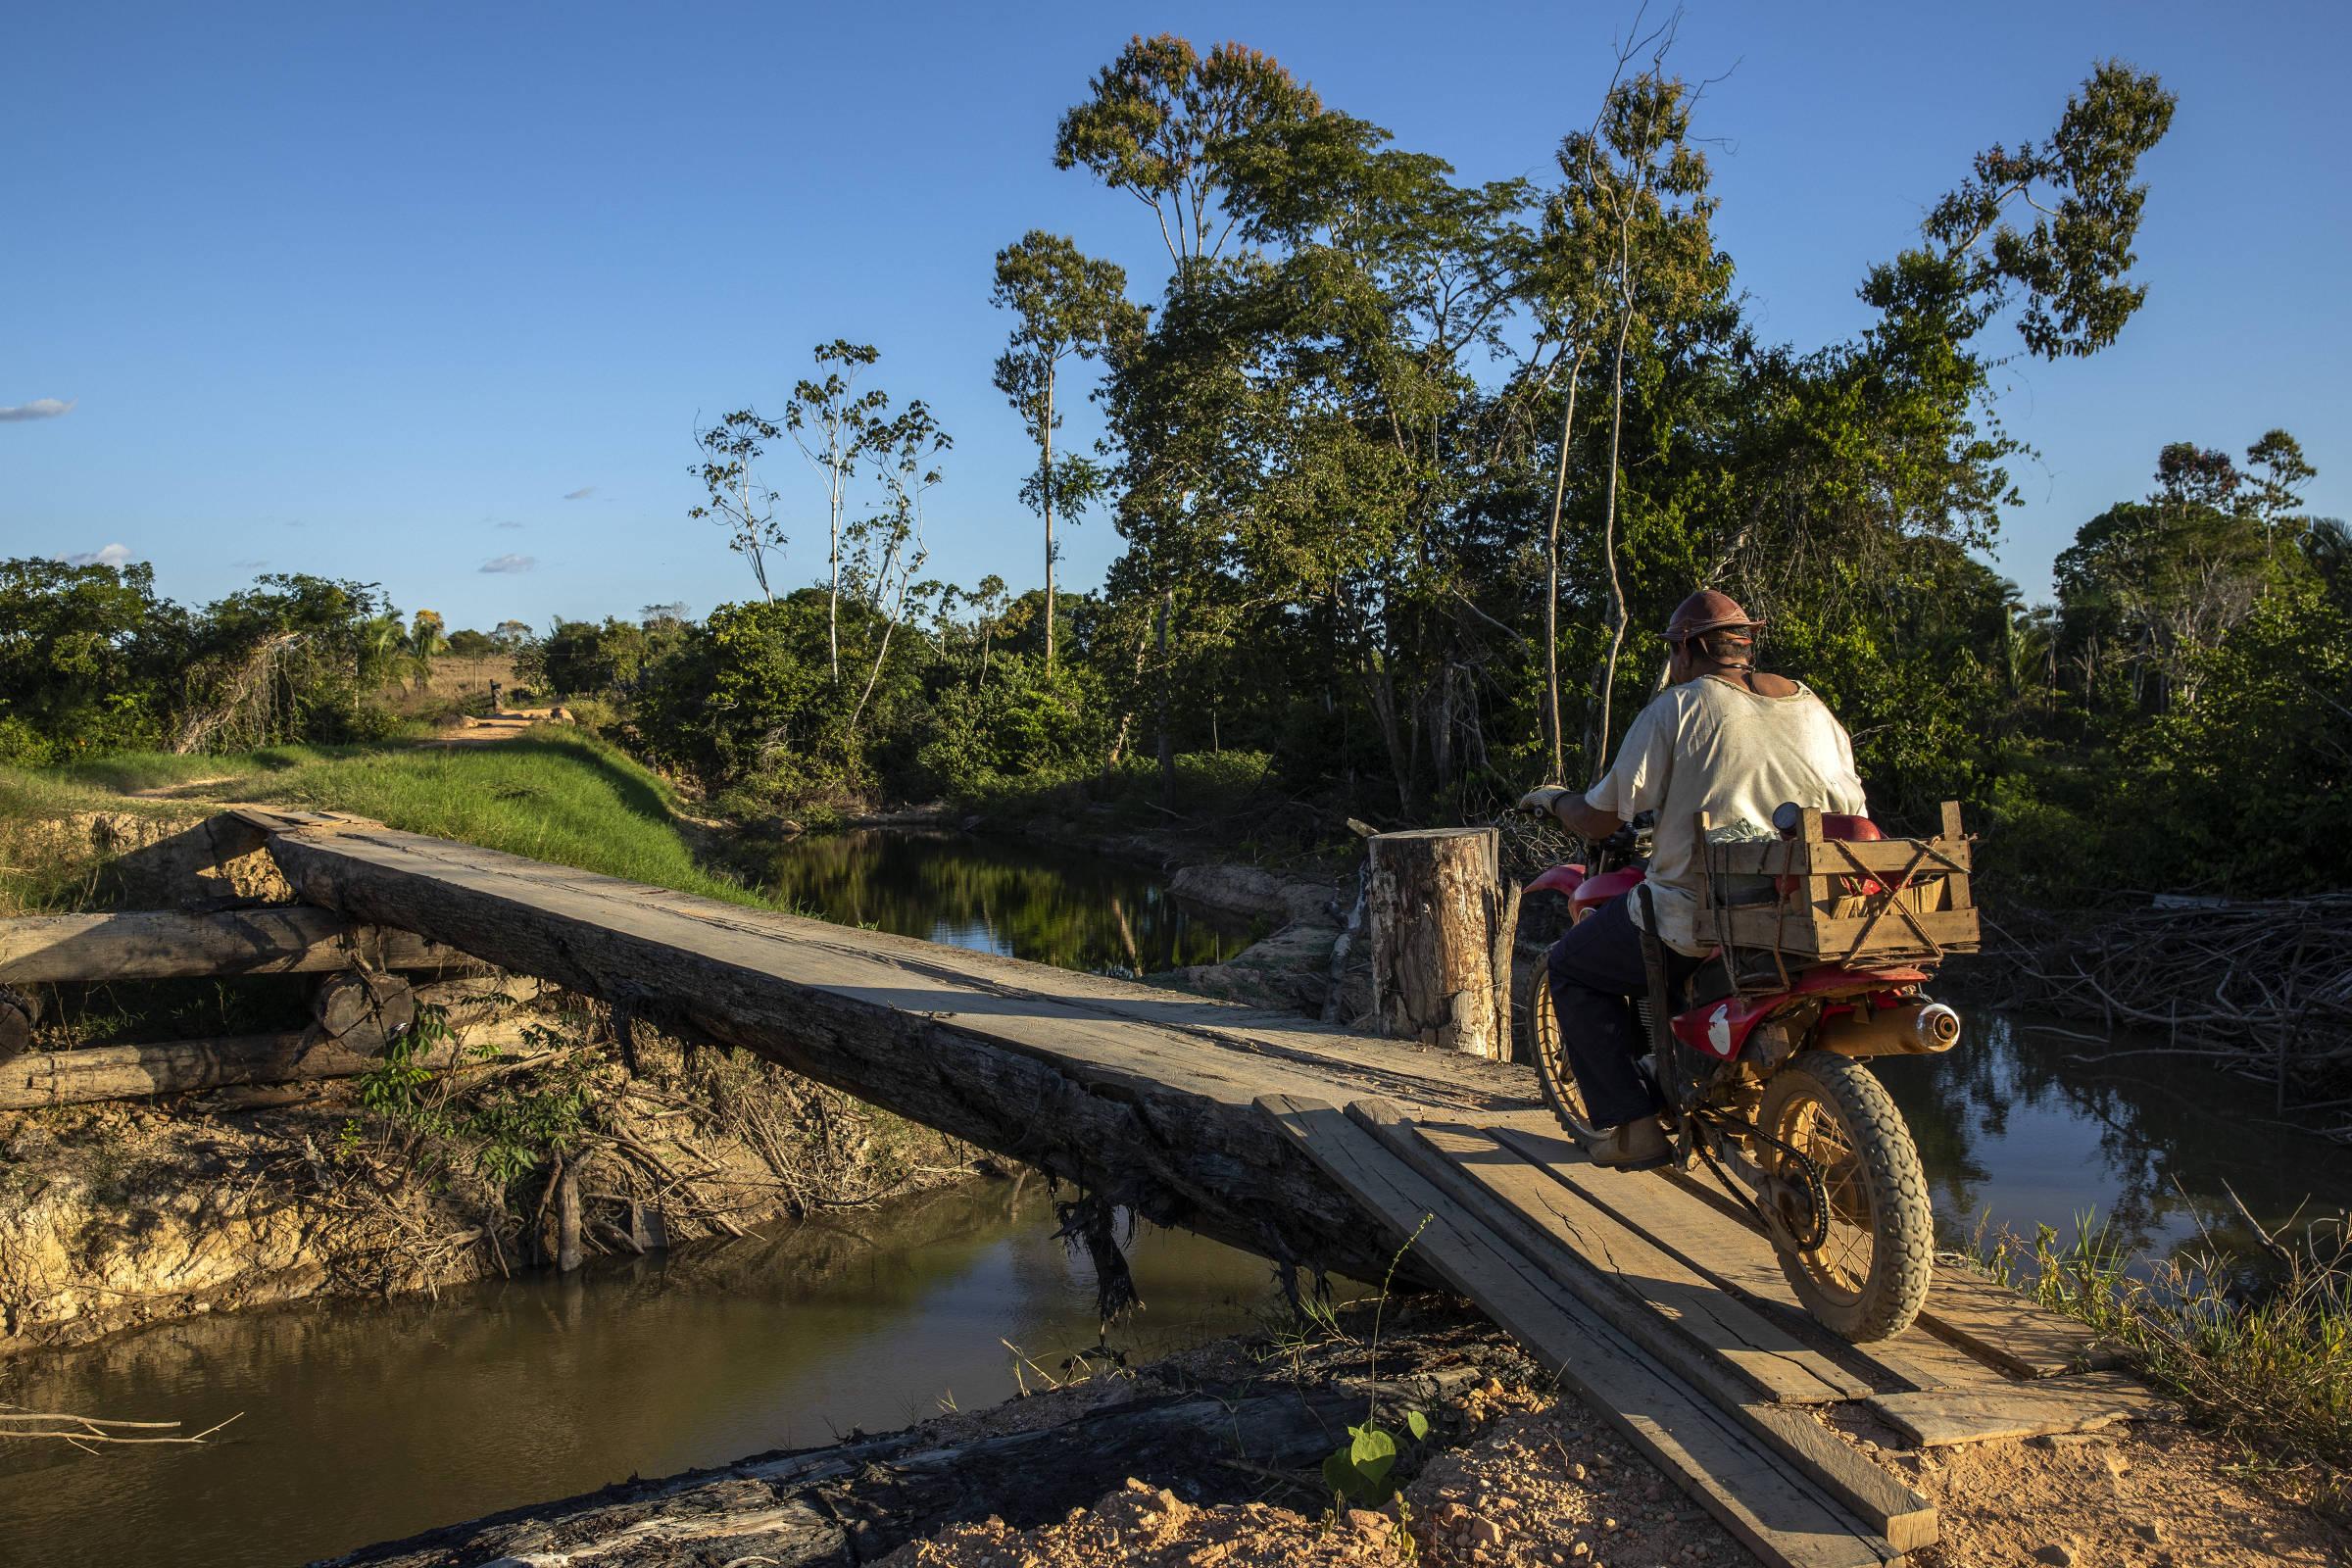 Acima, área desmatada por grileiros dentro da Terra Indígena Trincheira Bacajá; na segunda imagem, posseiros utilizam a ponte que da acesso a terra indígena. Em abril uma operação do Ibama destruiu a ponte, que foi reconstruída pelos invasores.